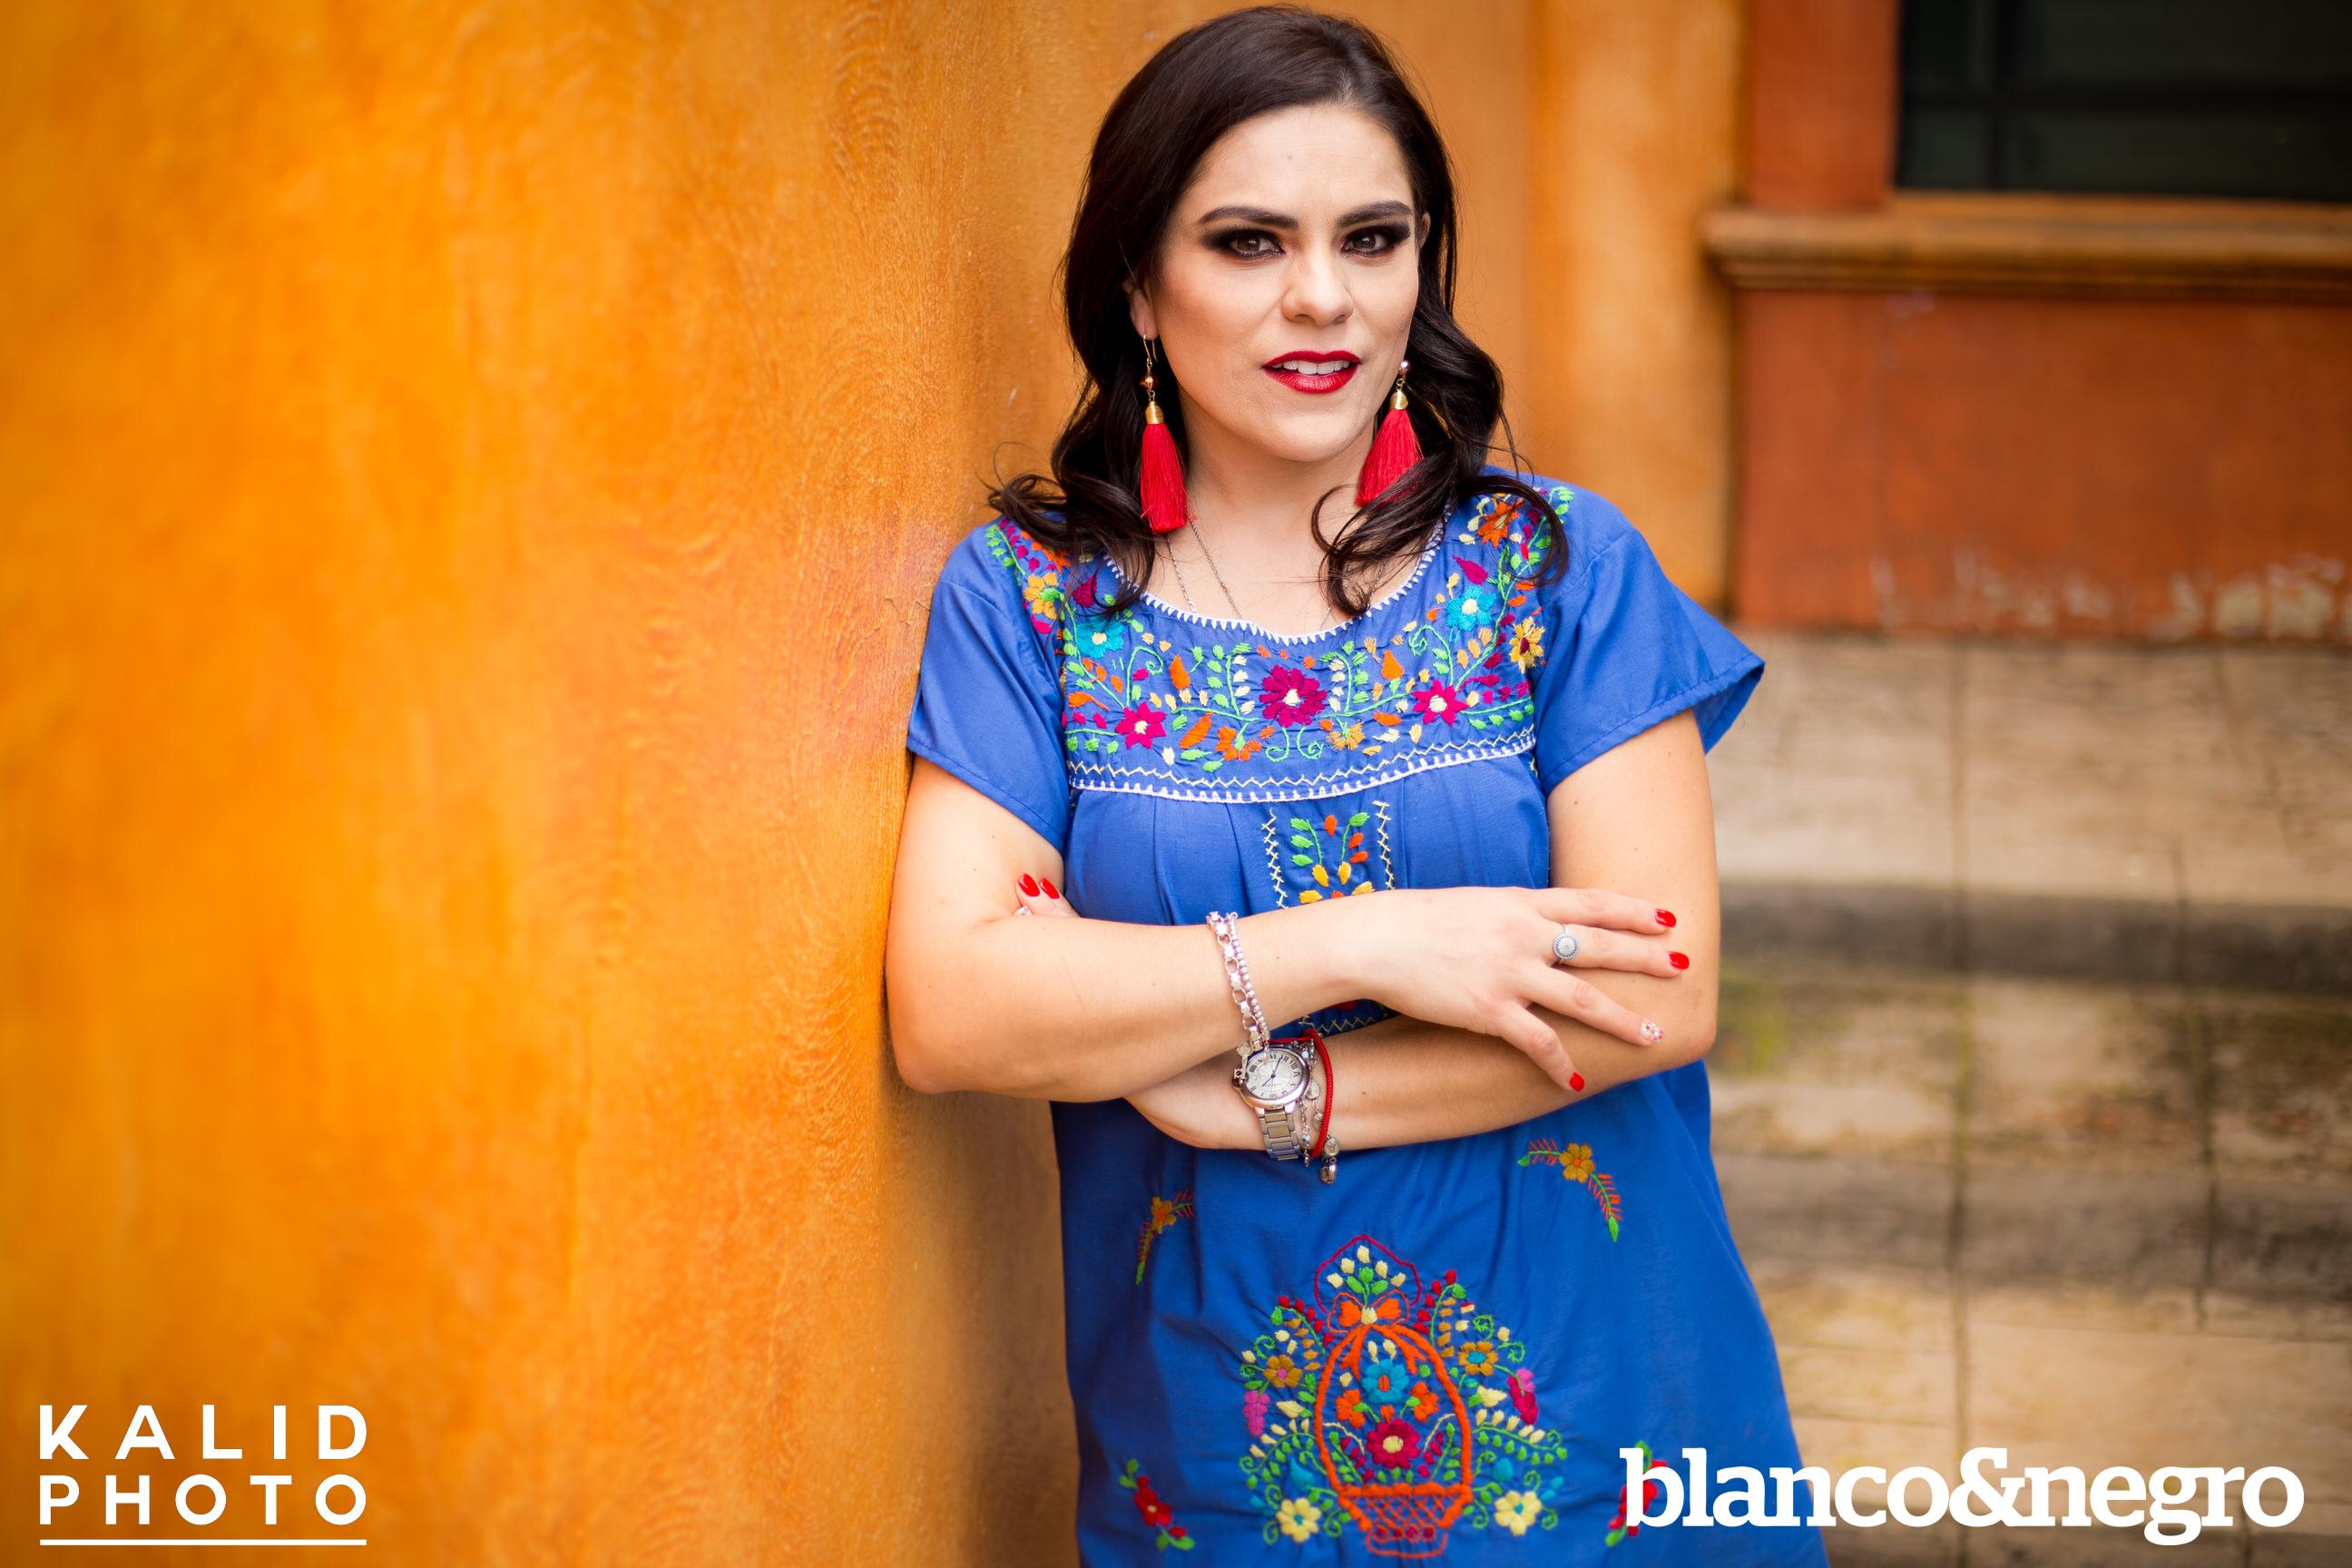 Mayra-BlancoYnegro-480